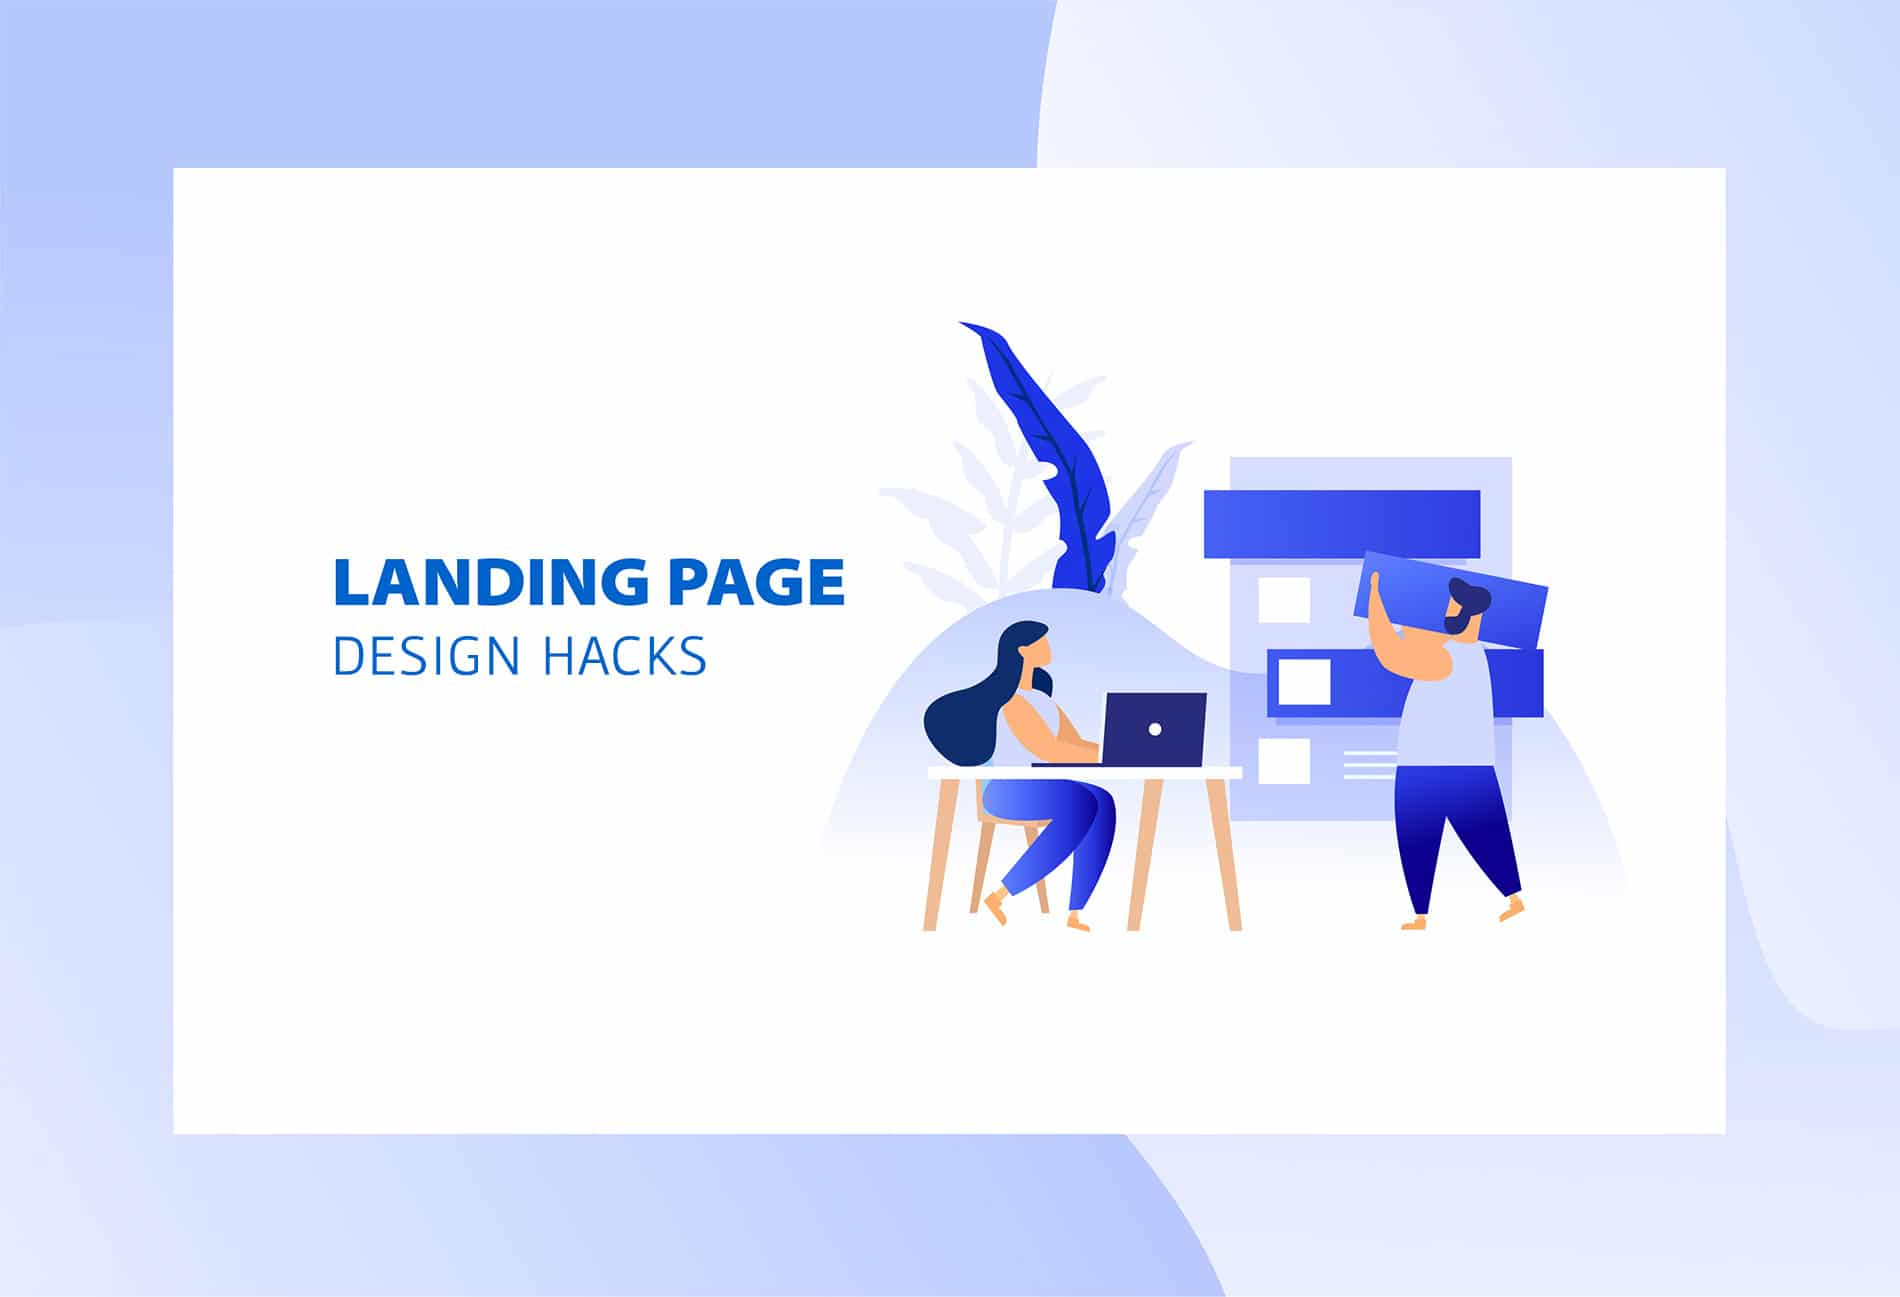 Landing page design hacks to increase web site traffic